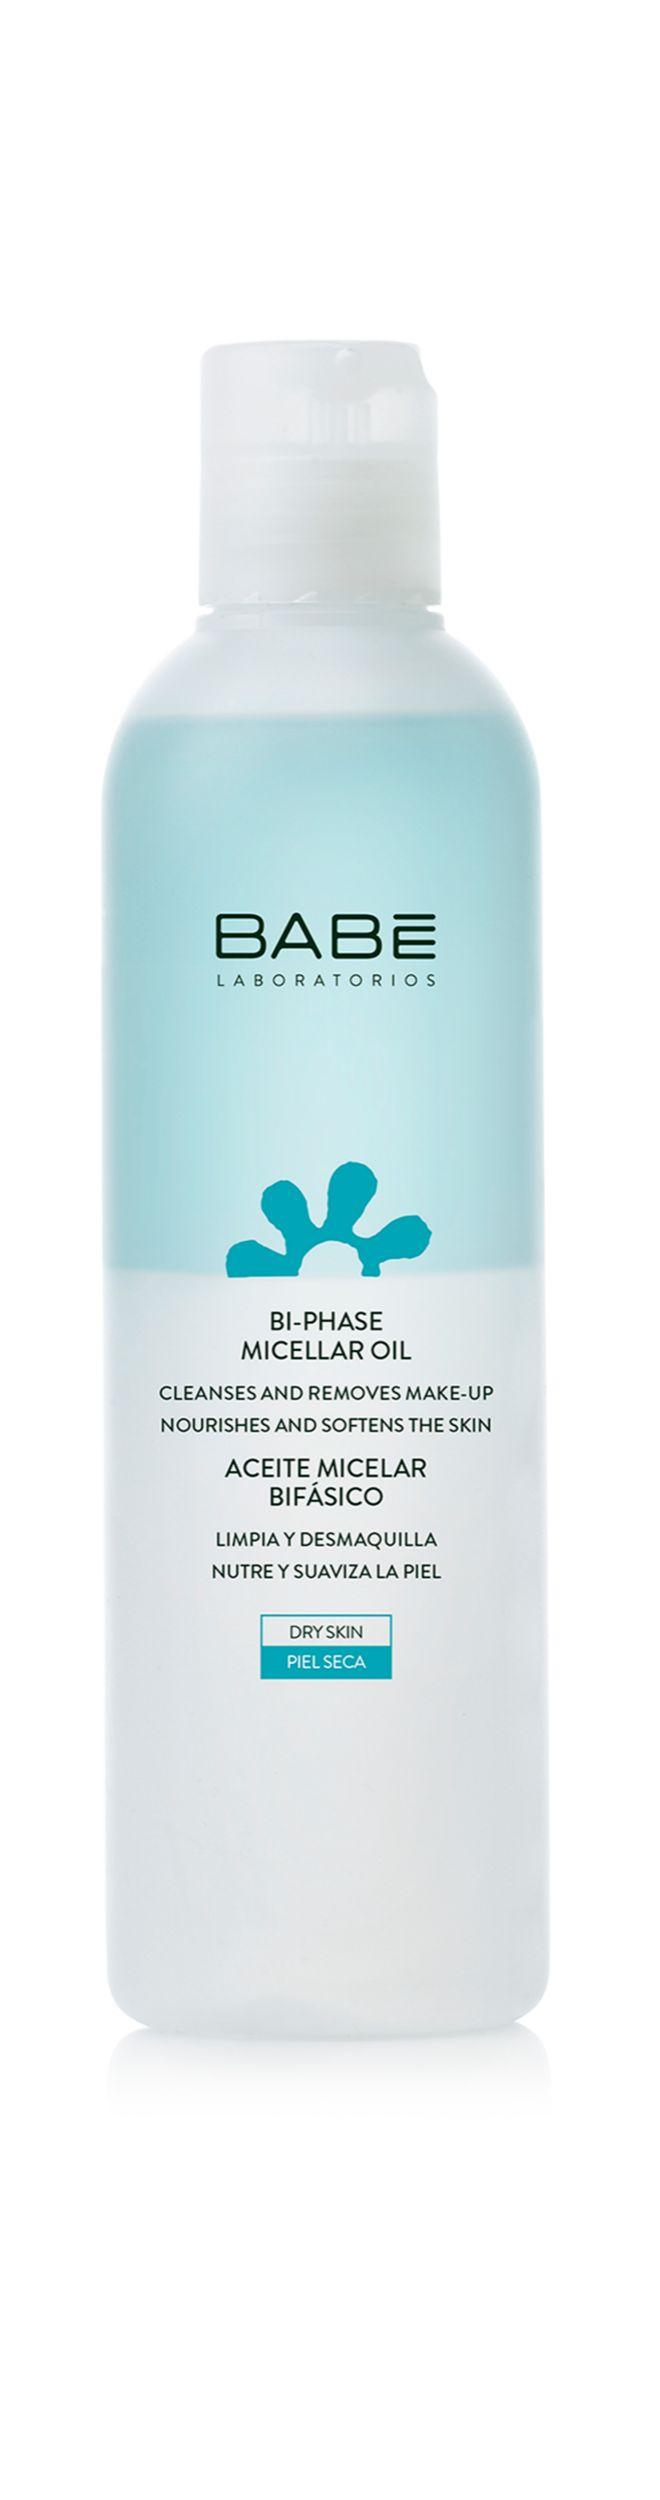 Aceite Micelar Bifásico, de Babé (12 euros). Su fórmula incluye aceite de algodón y de caléndula.